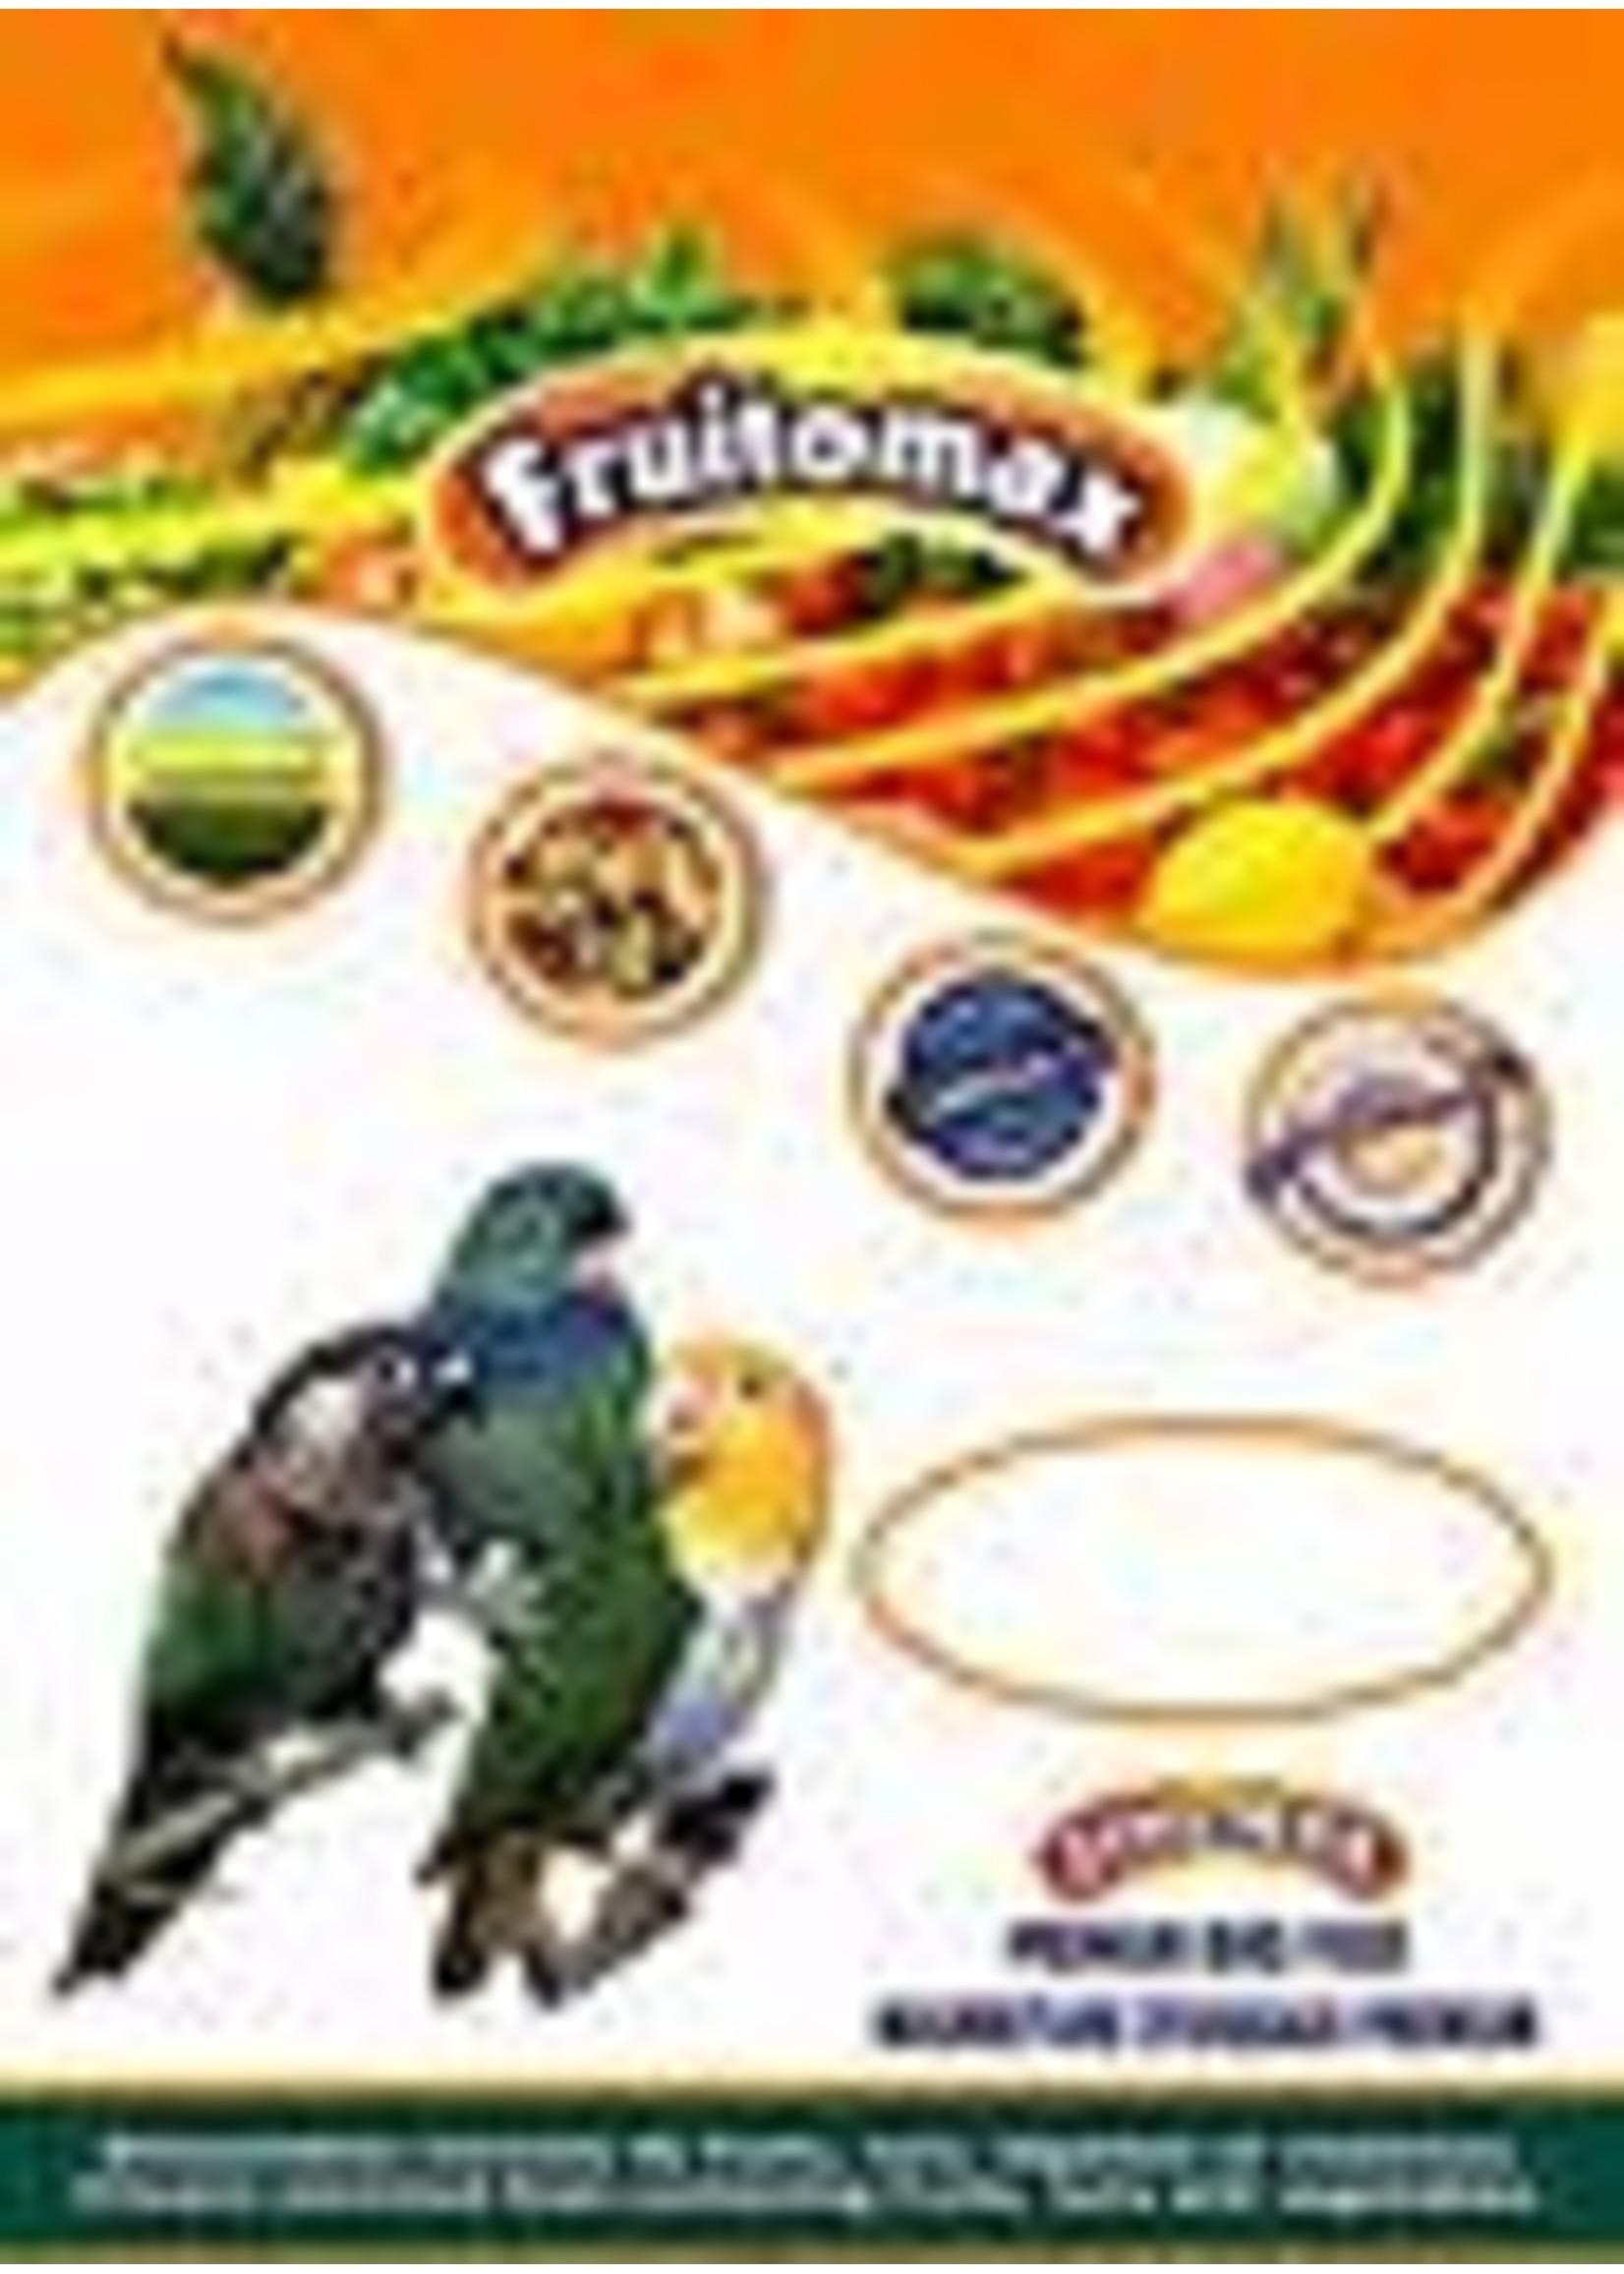 zoomax Zoomax, fruitomax oiseaux conure & petit perroquet 1.5 kg